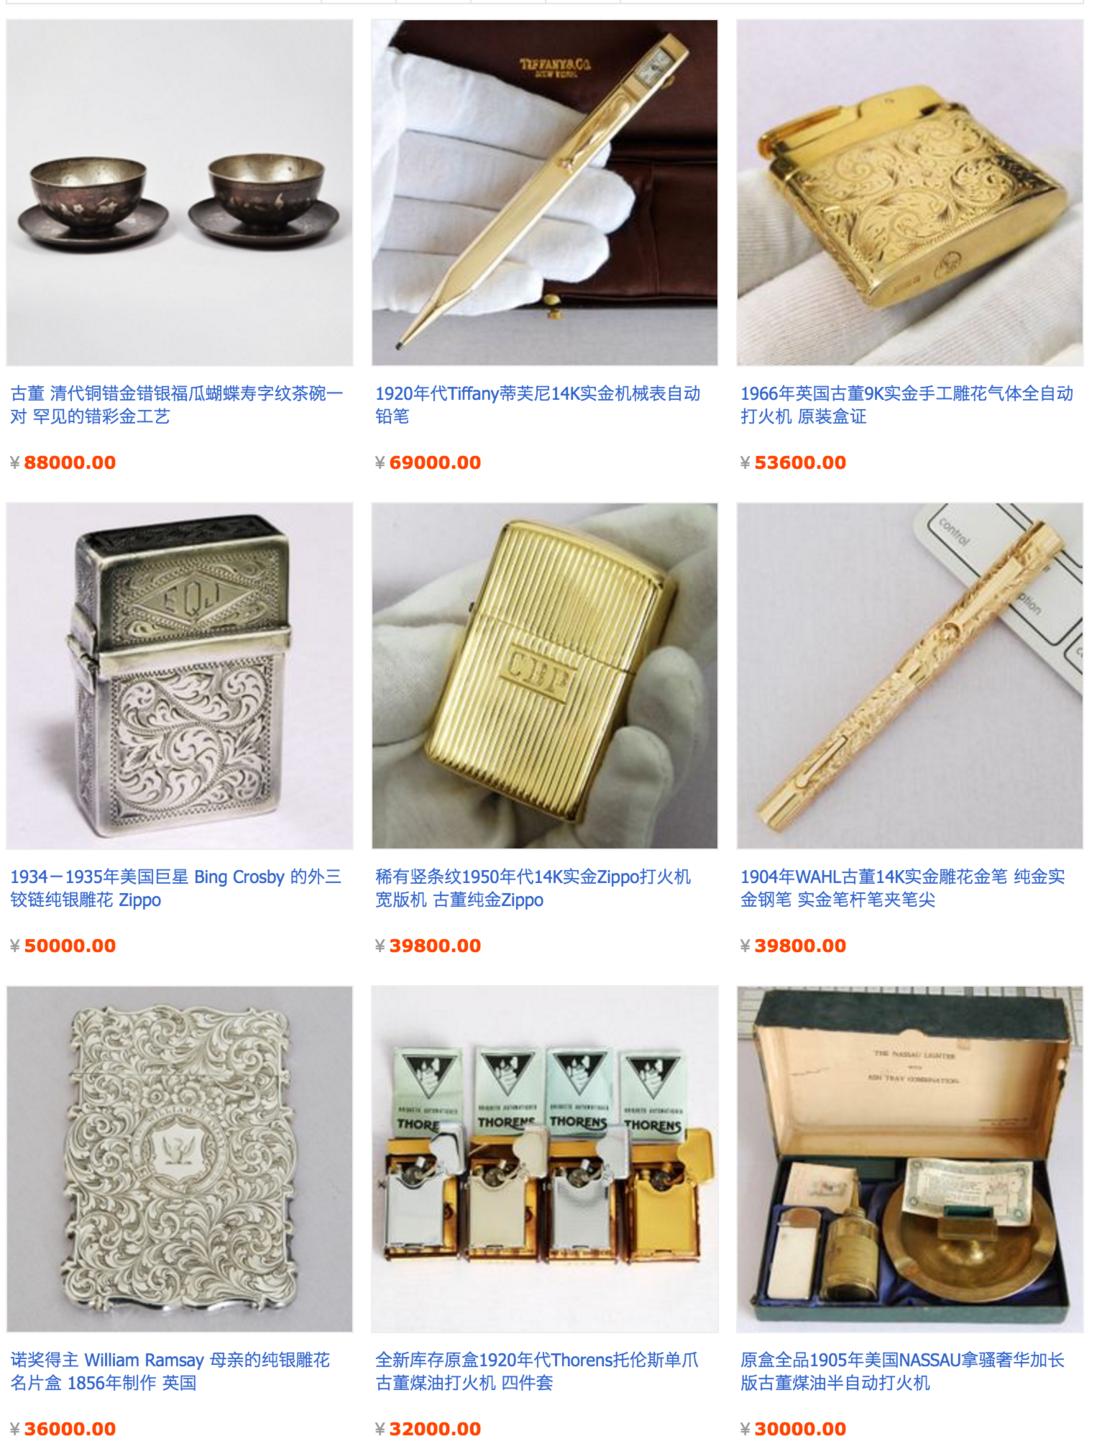 店内搜索页 古董金银器收藏馆 淘宝网.png